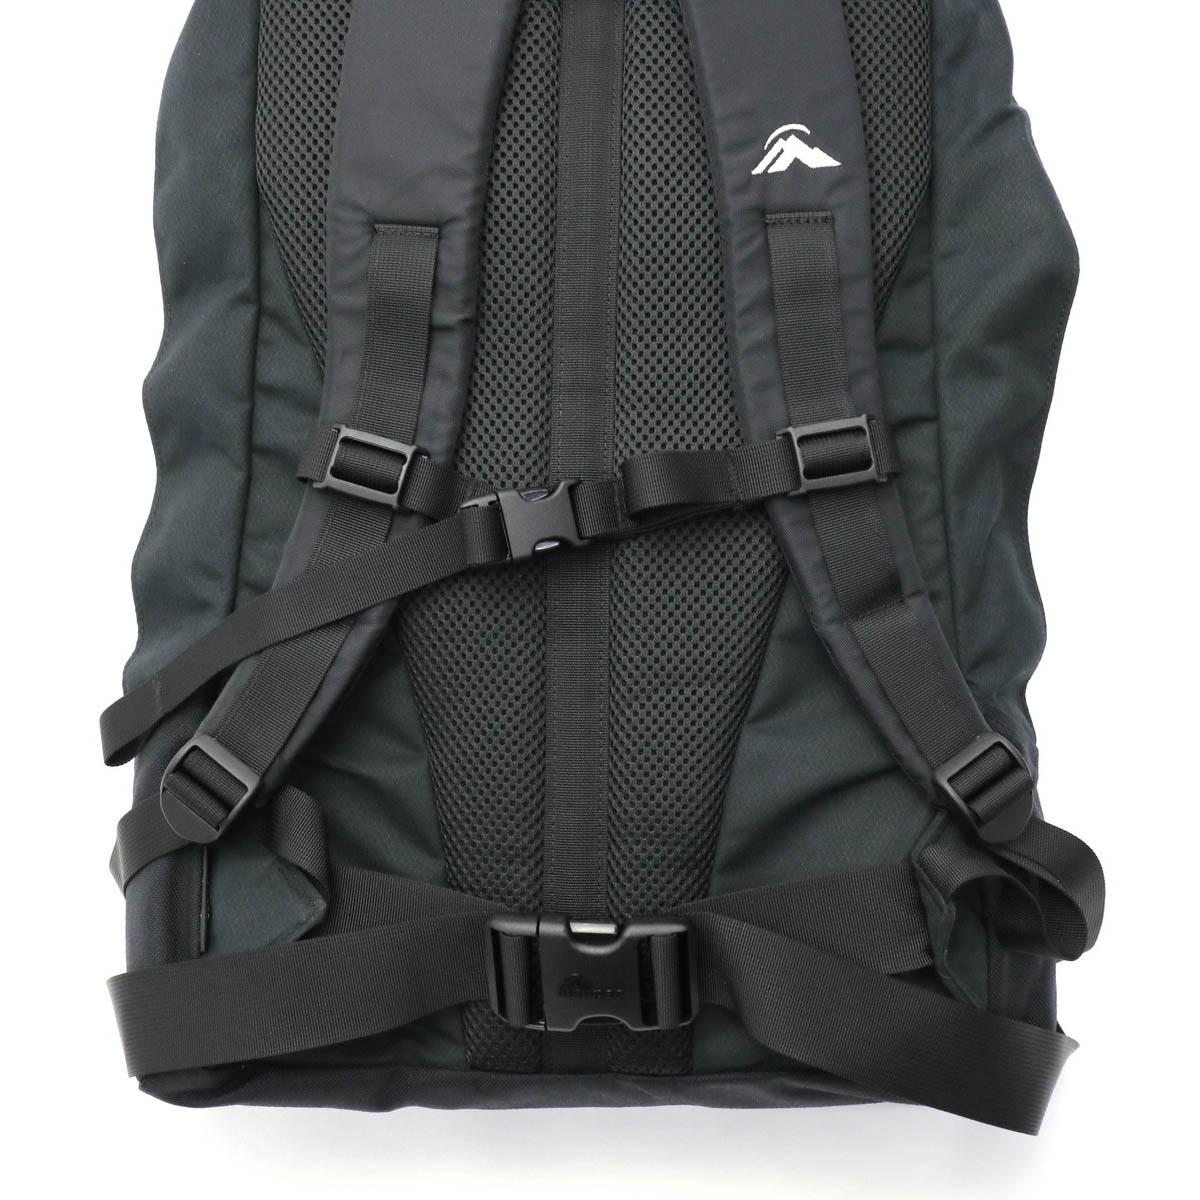 Galleria Bag Luggage Macpac Rucksack Gecko Classic Day